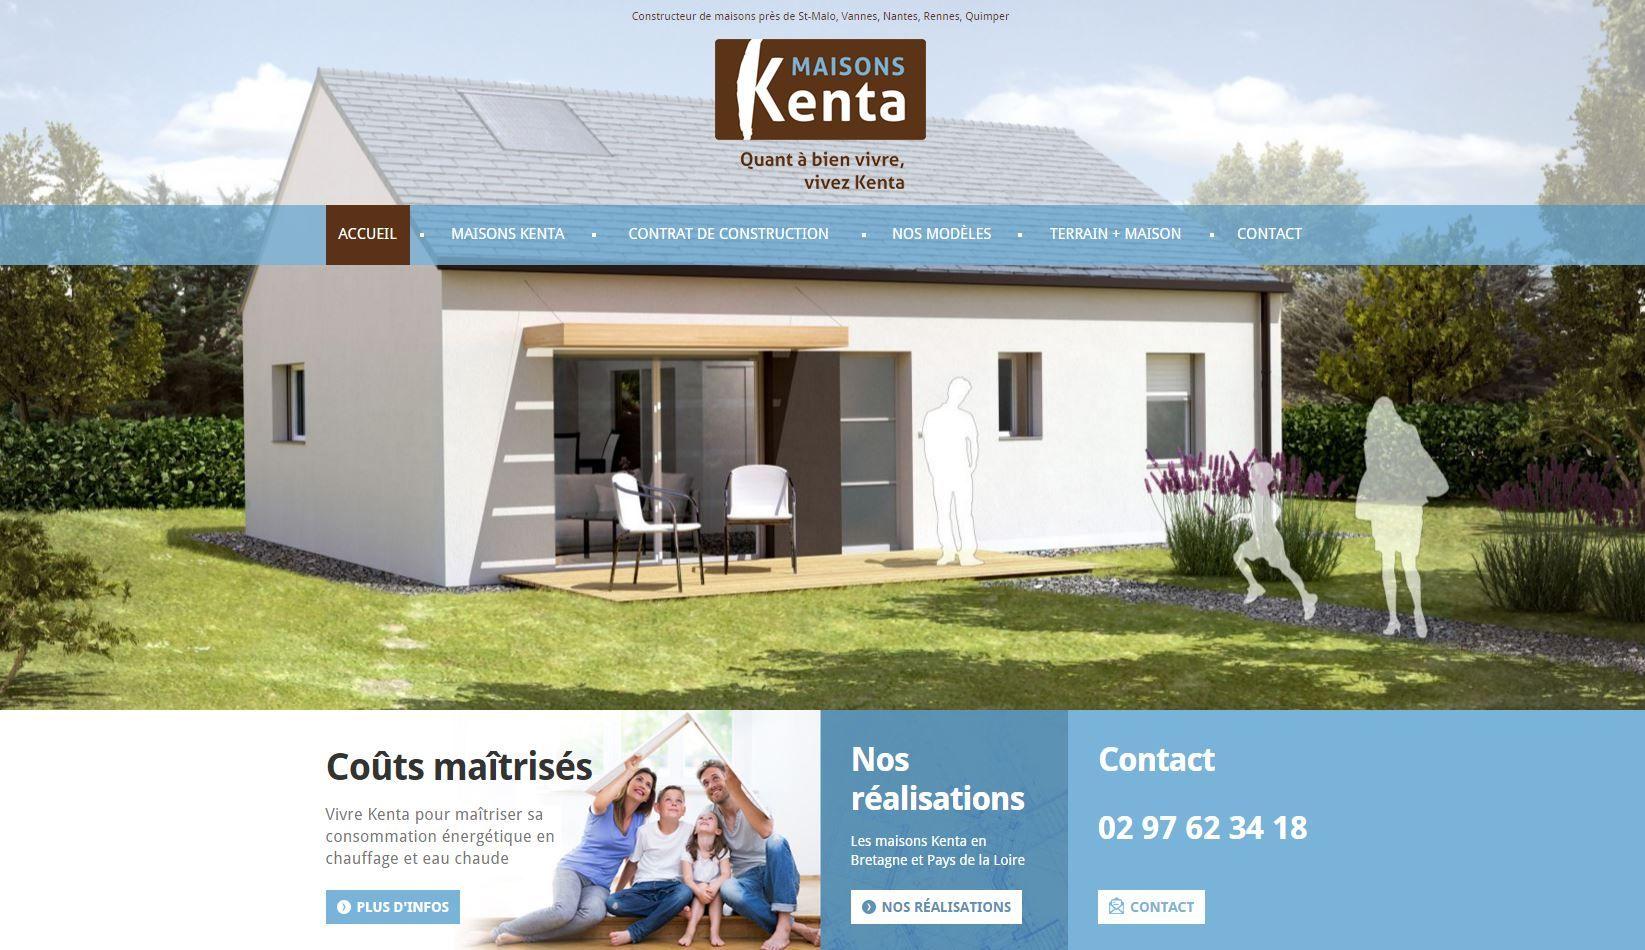 Constructeur De Maison Rennes constructeur de maisons à saint-malo, rennes, nantes, vannes